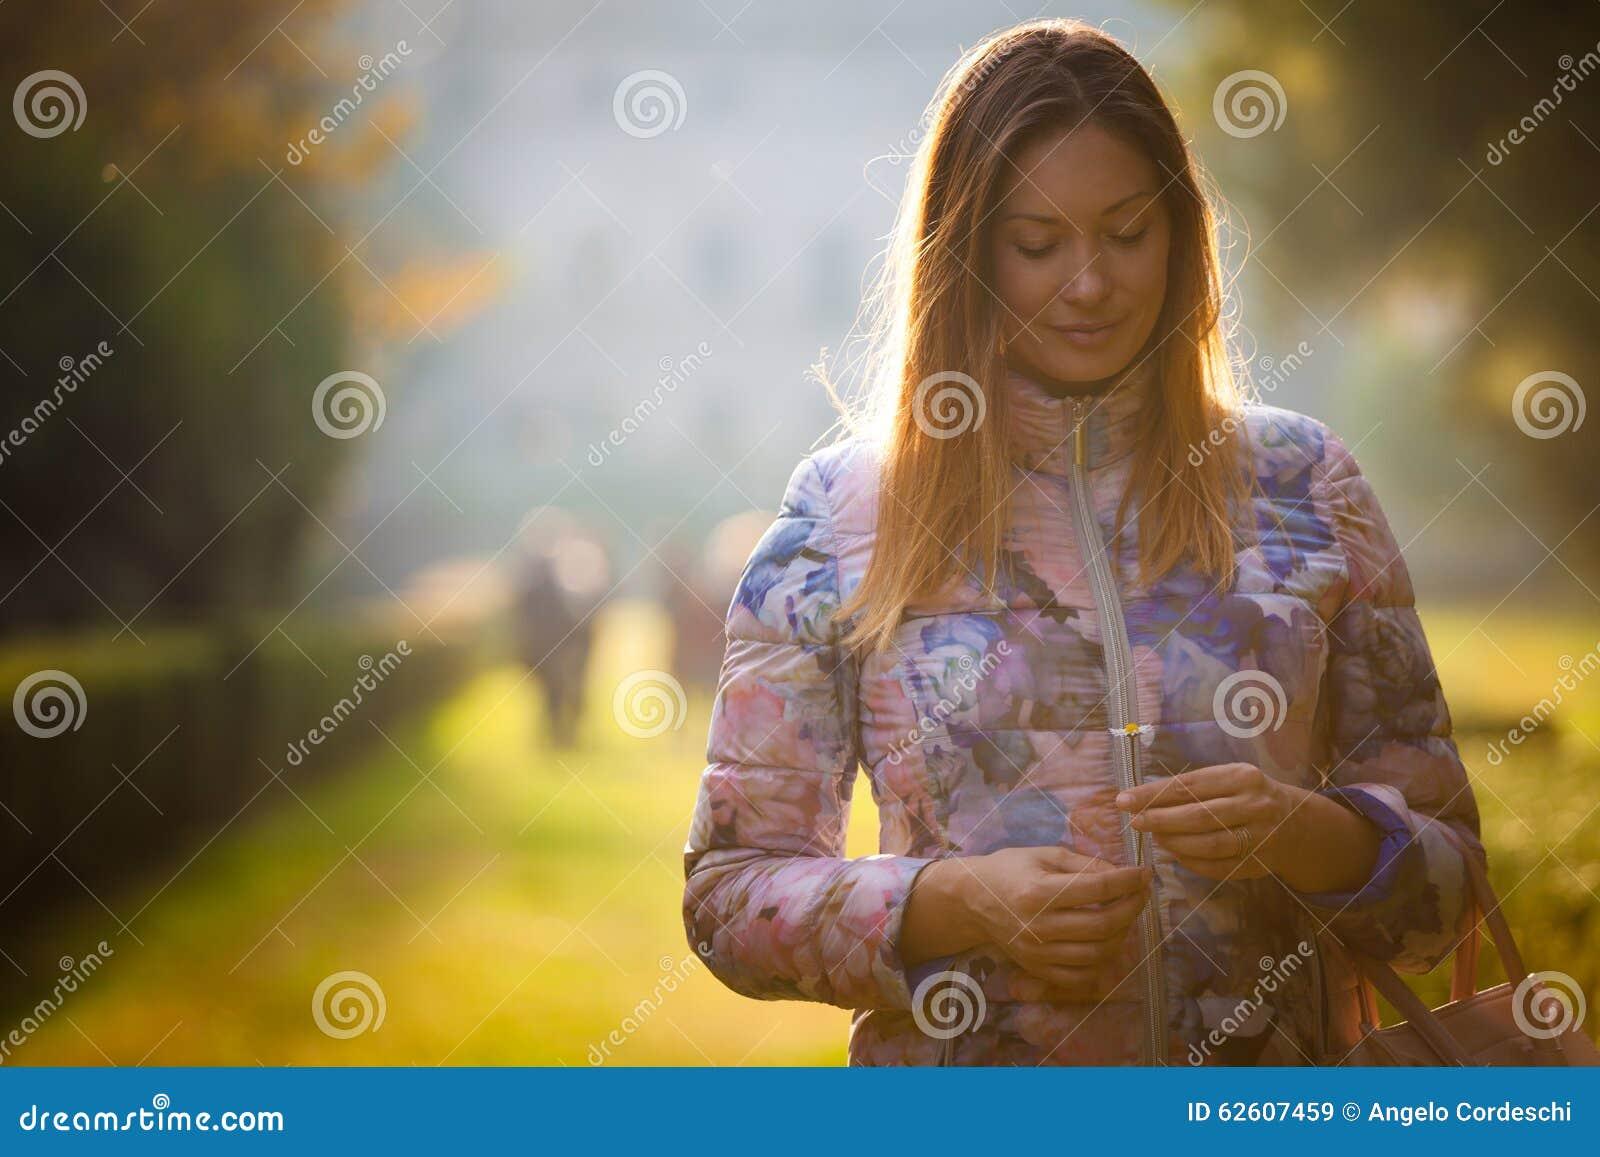 Förälskad ung söt kvinna, utomhus- panelljus Sinnesrörelser och kvinnlighet